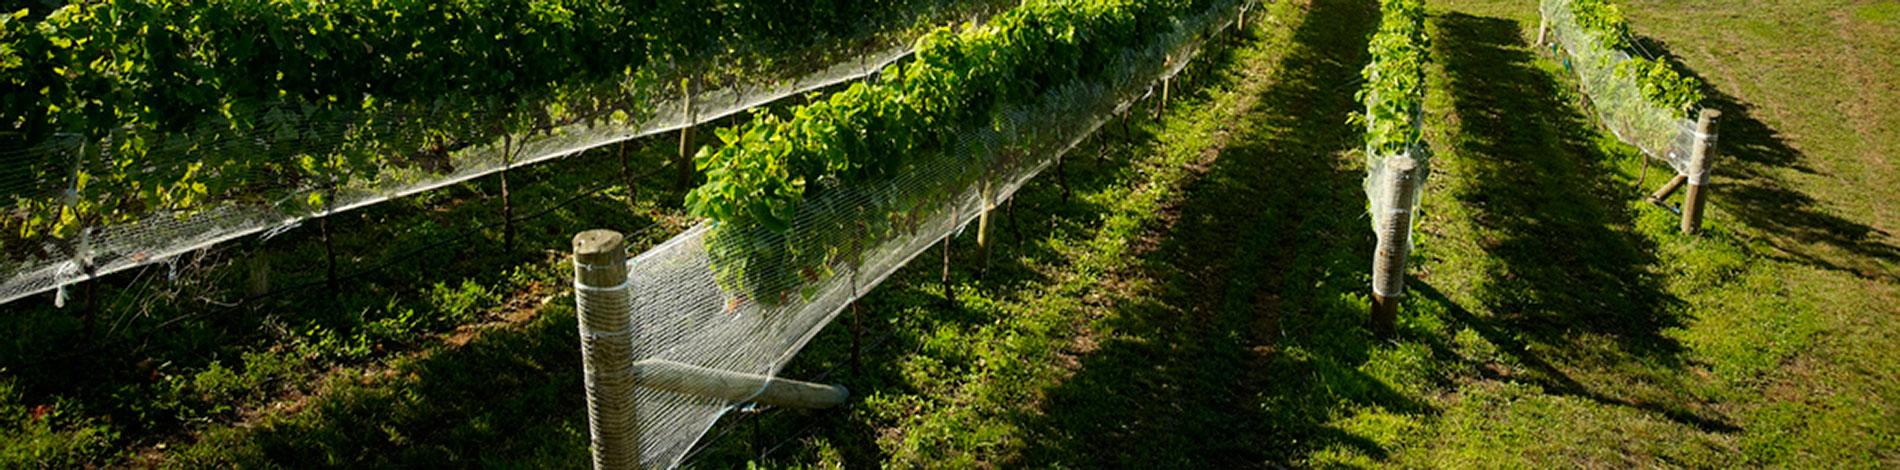 ΔΙΧΤΥΑ ΚΡΗΤΗΣ ΑΕΒΕ - Παραγωγή πλαστικών διχτύων